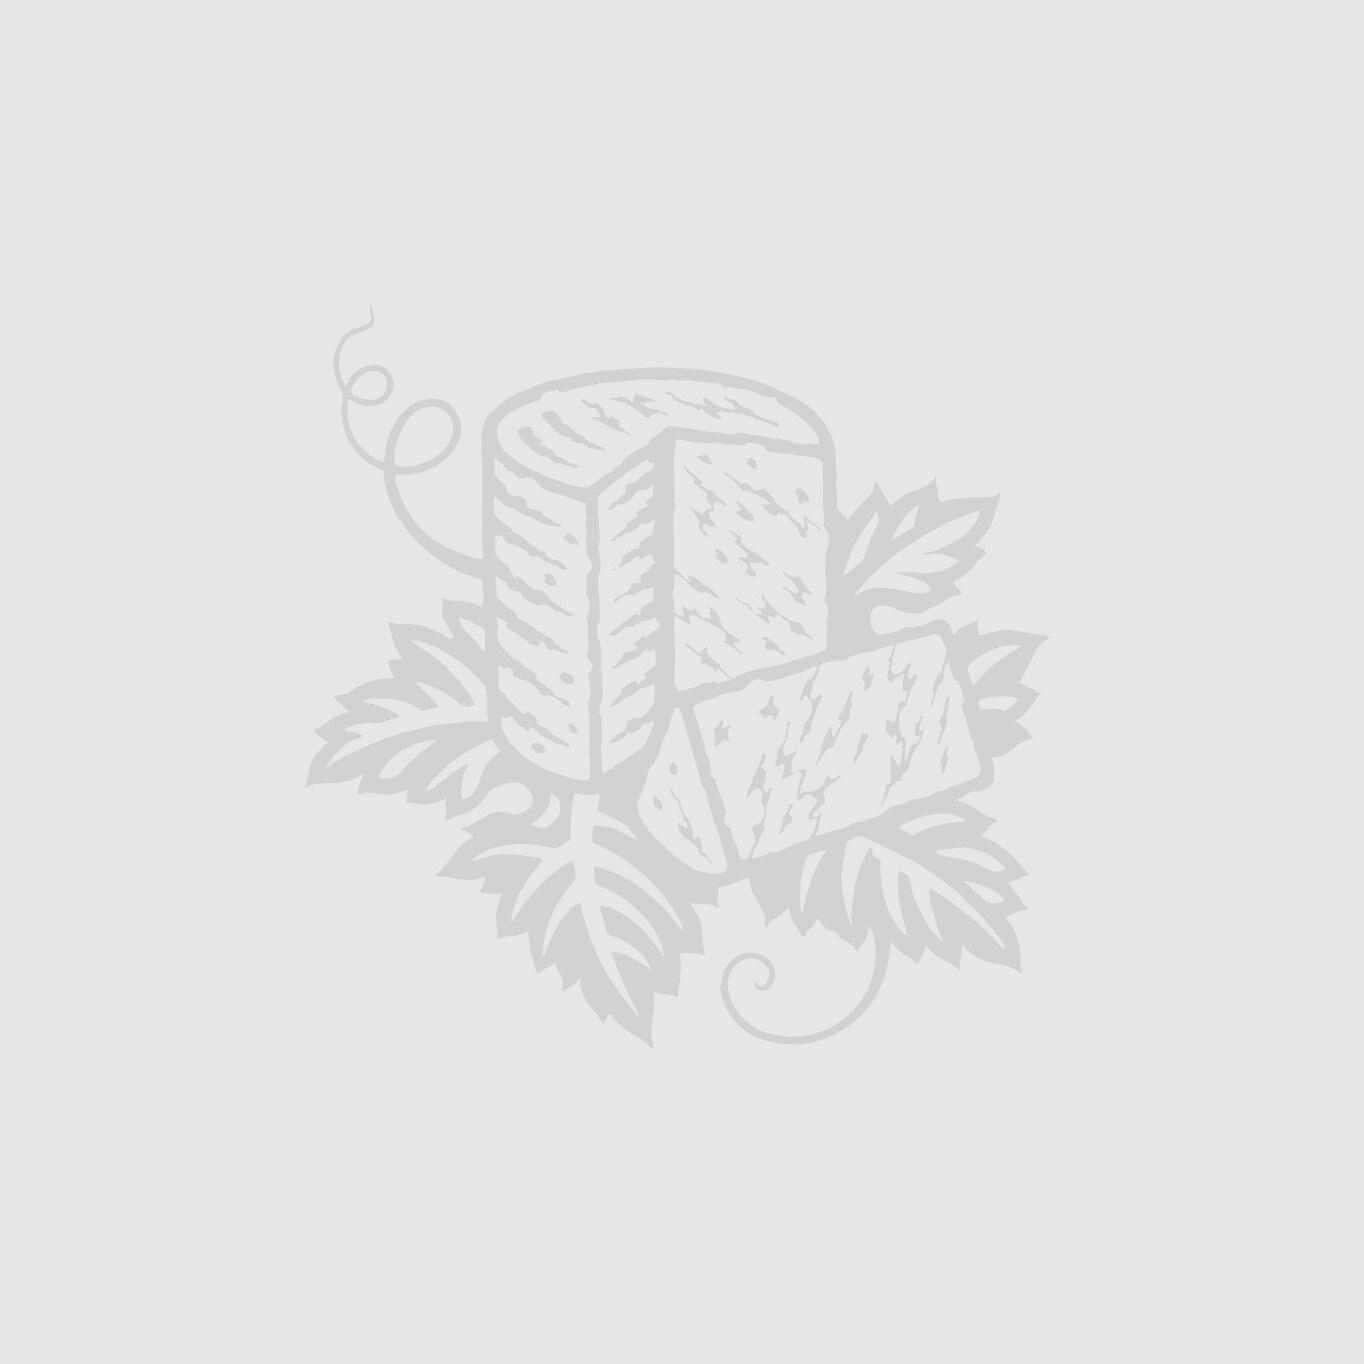 Mozzarella di Bufala DOP - Buffalo Mozzarella